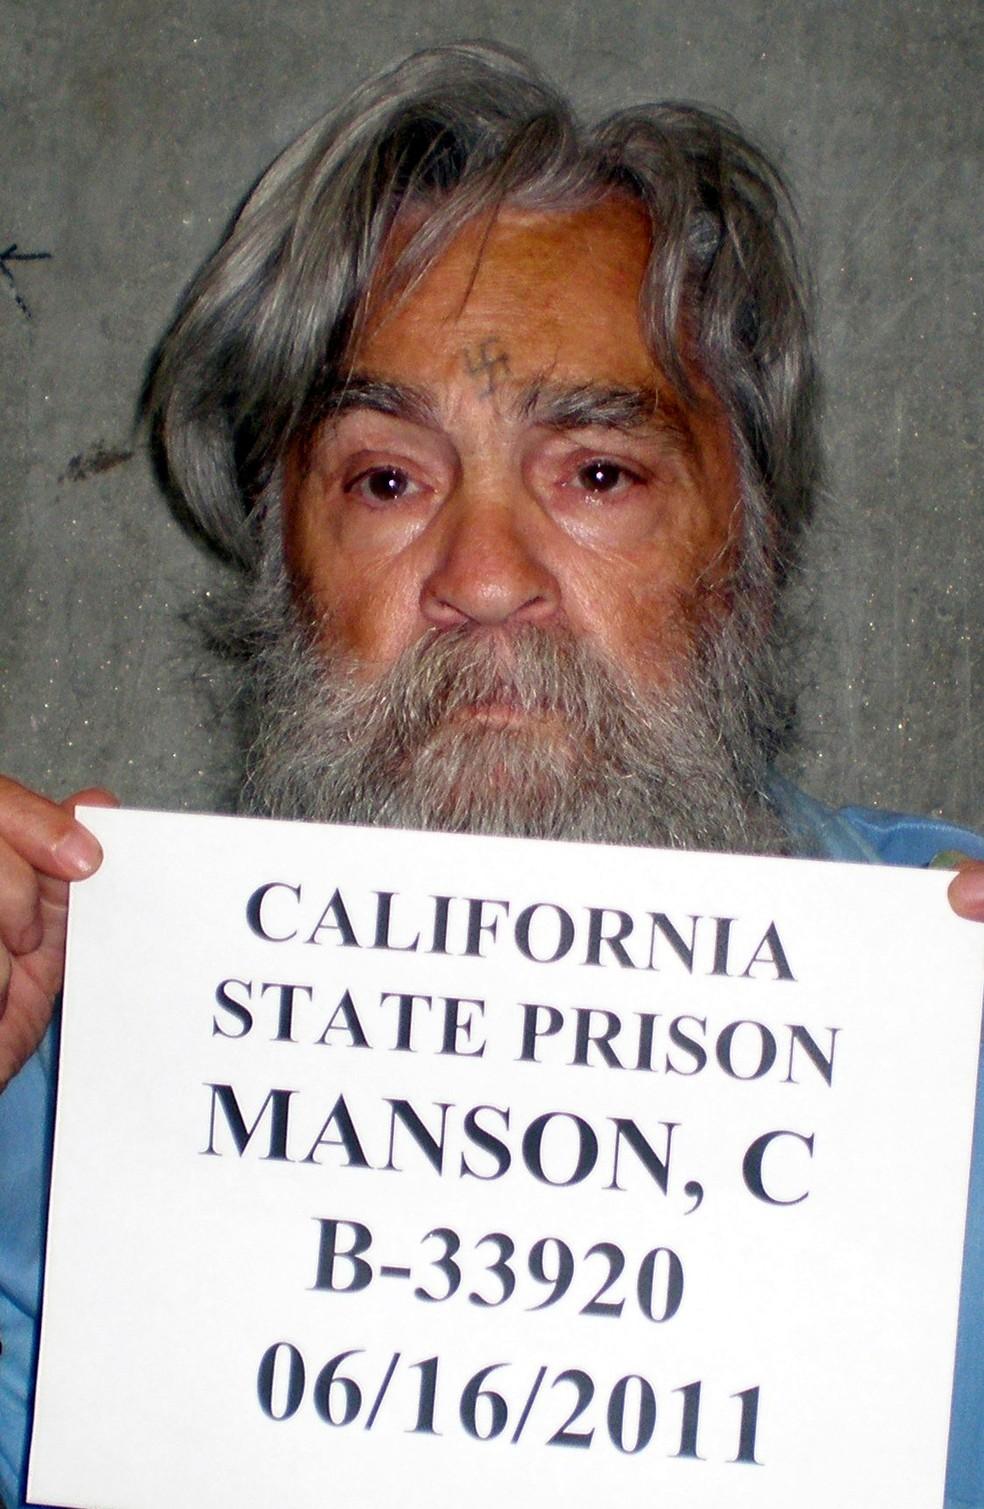 Foto de 16 de junho de 2011 mostra Charles Manson  (Foto: CDCR/ Reuters)